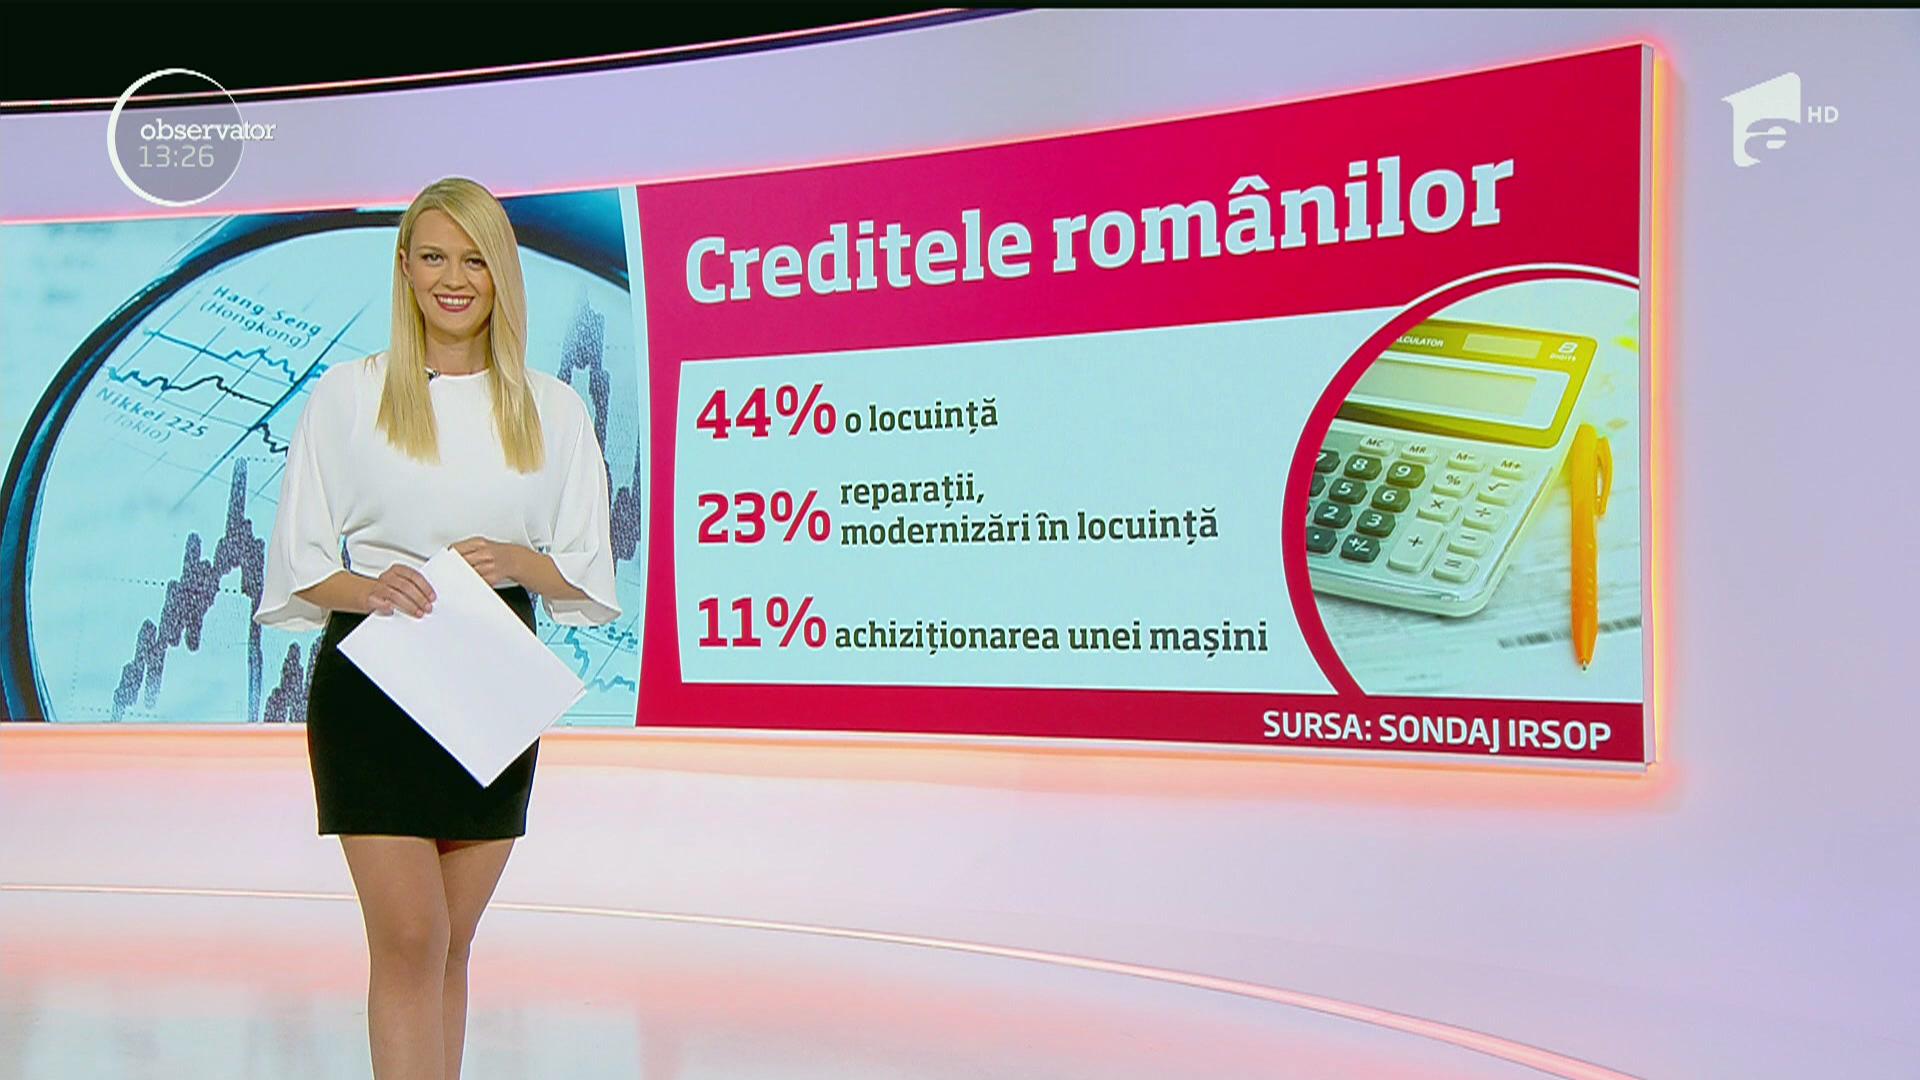 Blonda de la credite